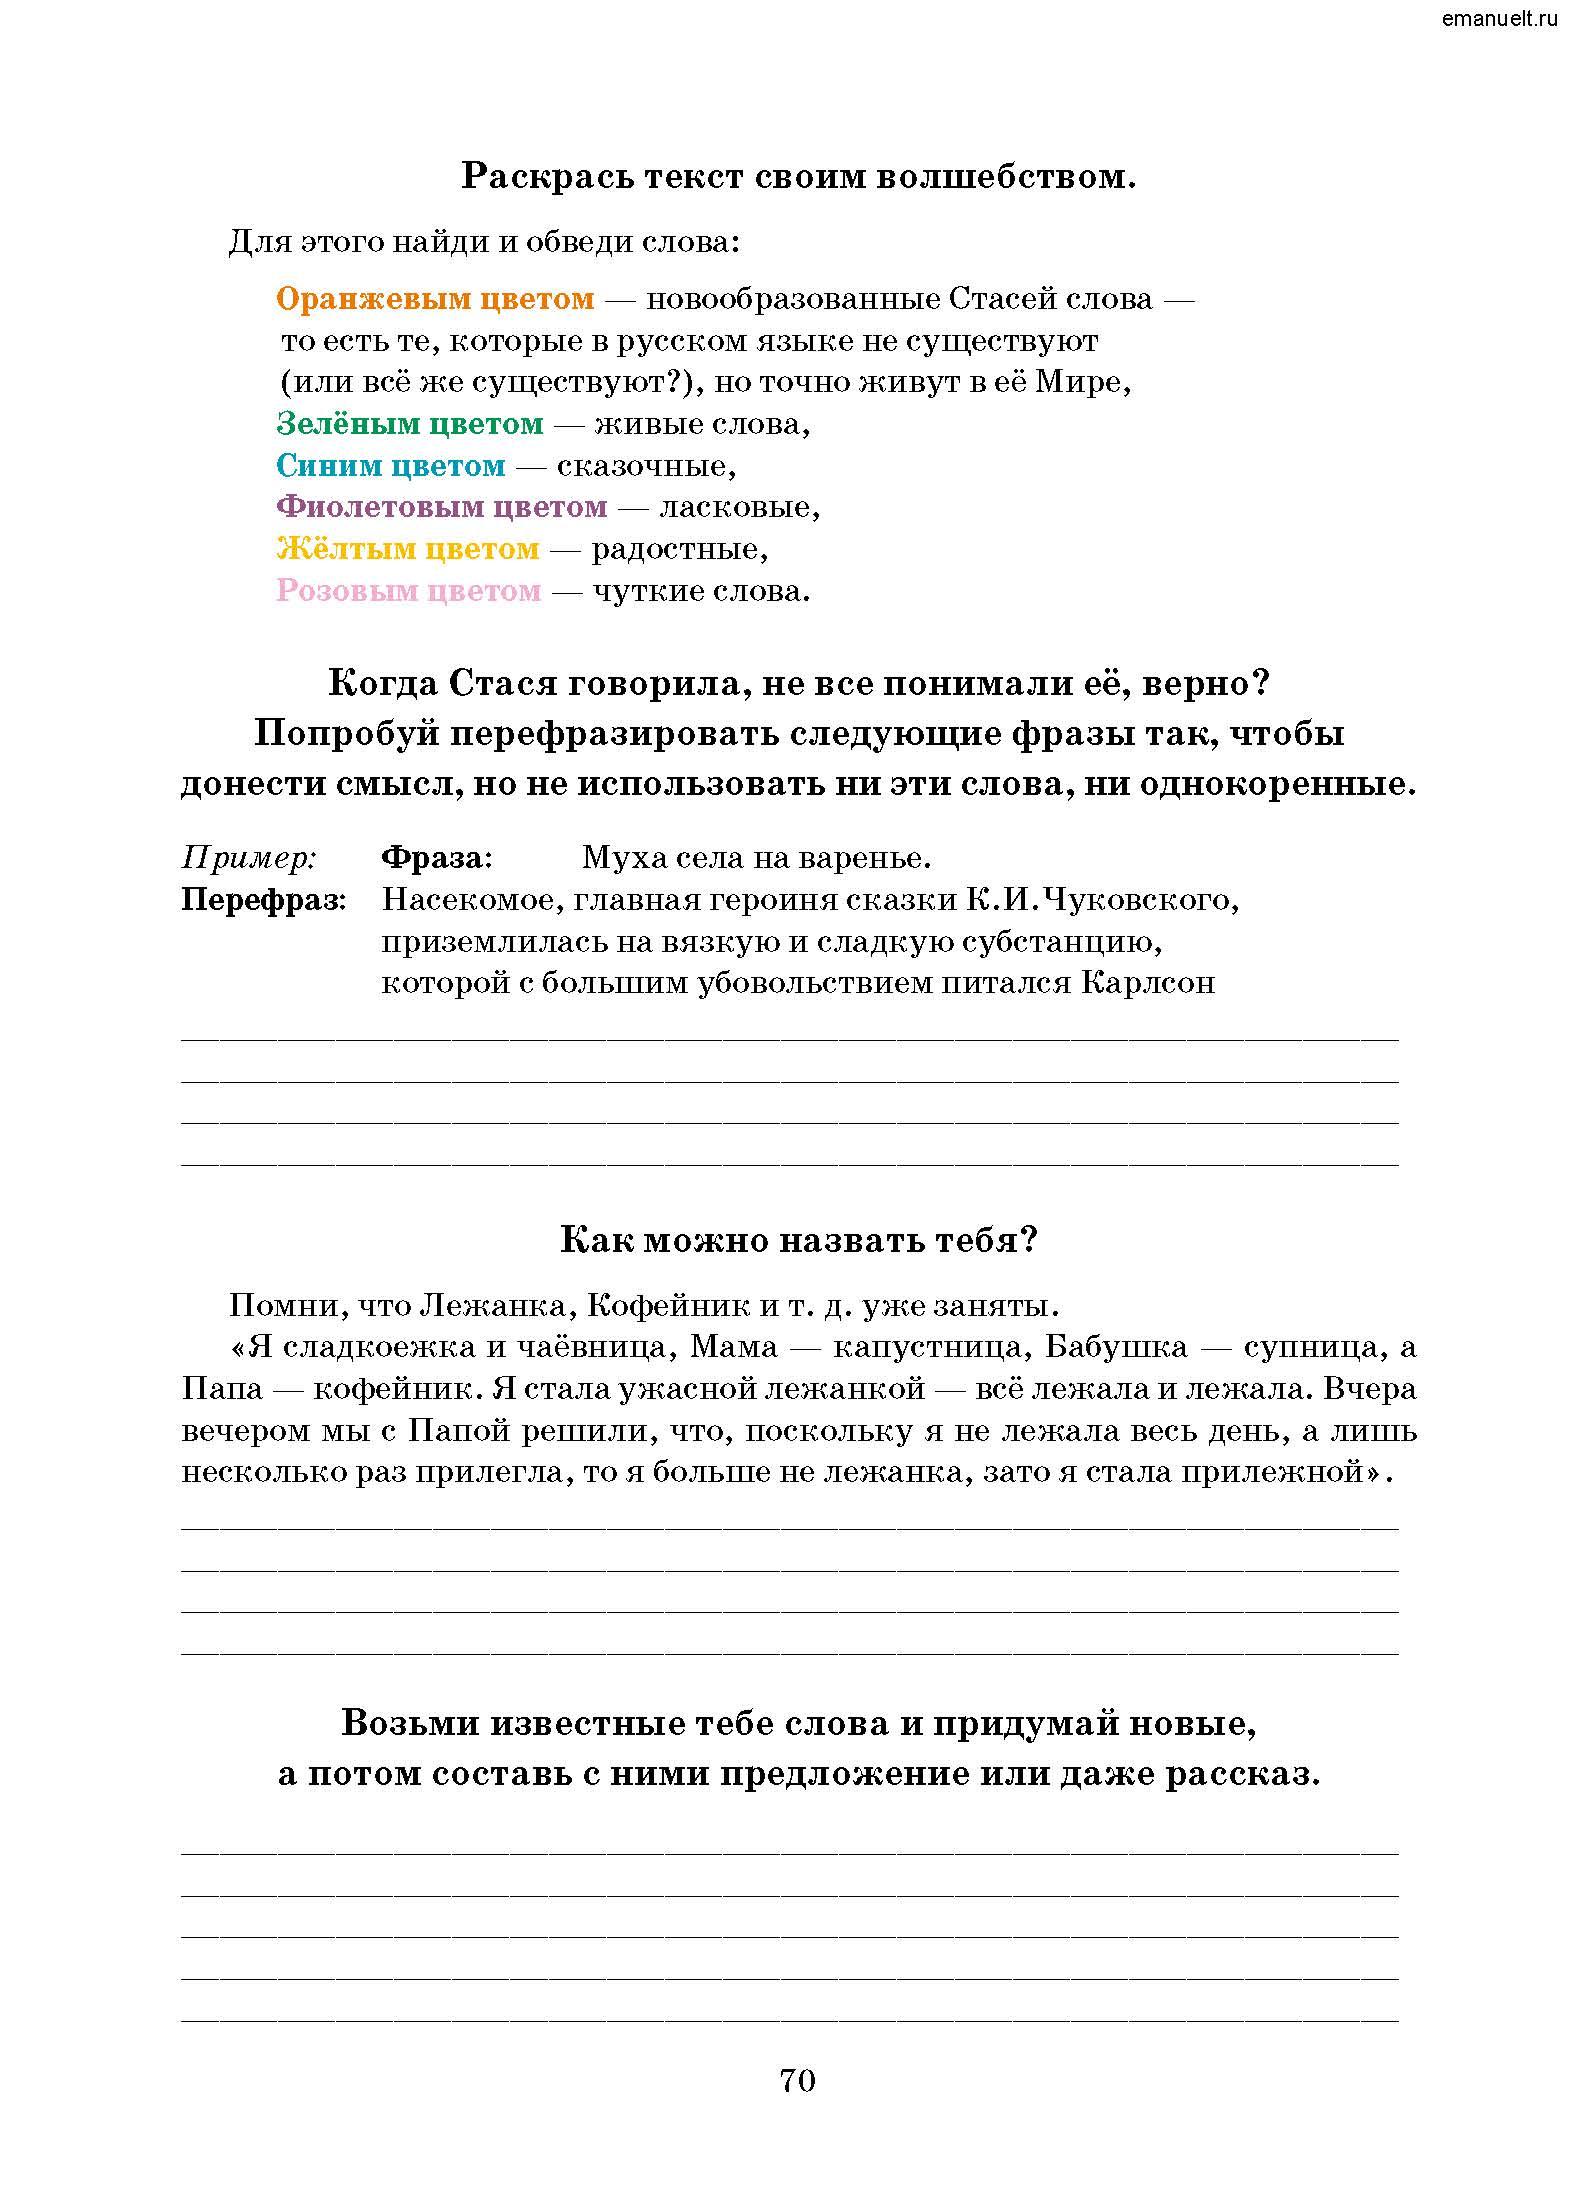 Рассказки в заданиях. emanuelt.ru_Страница_071